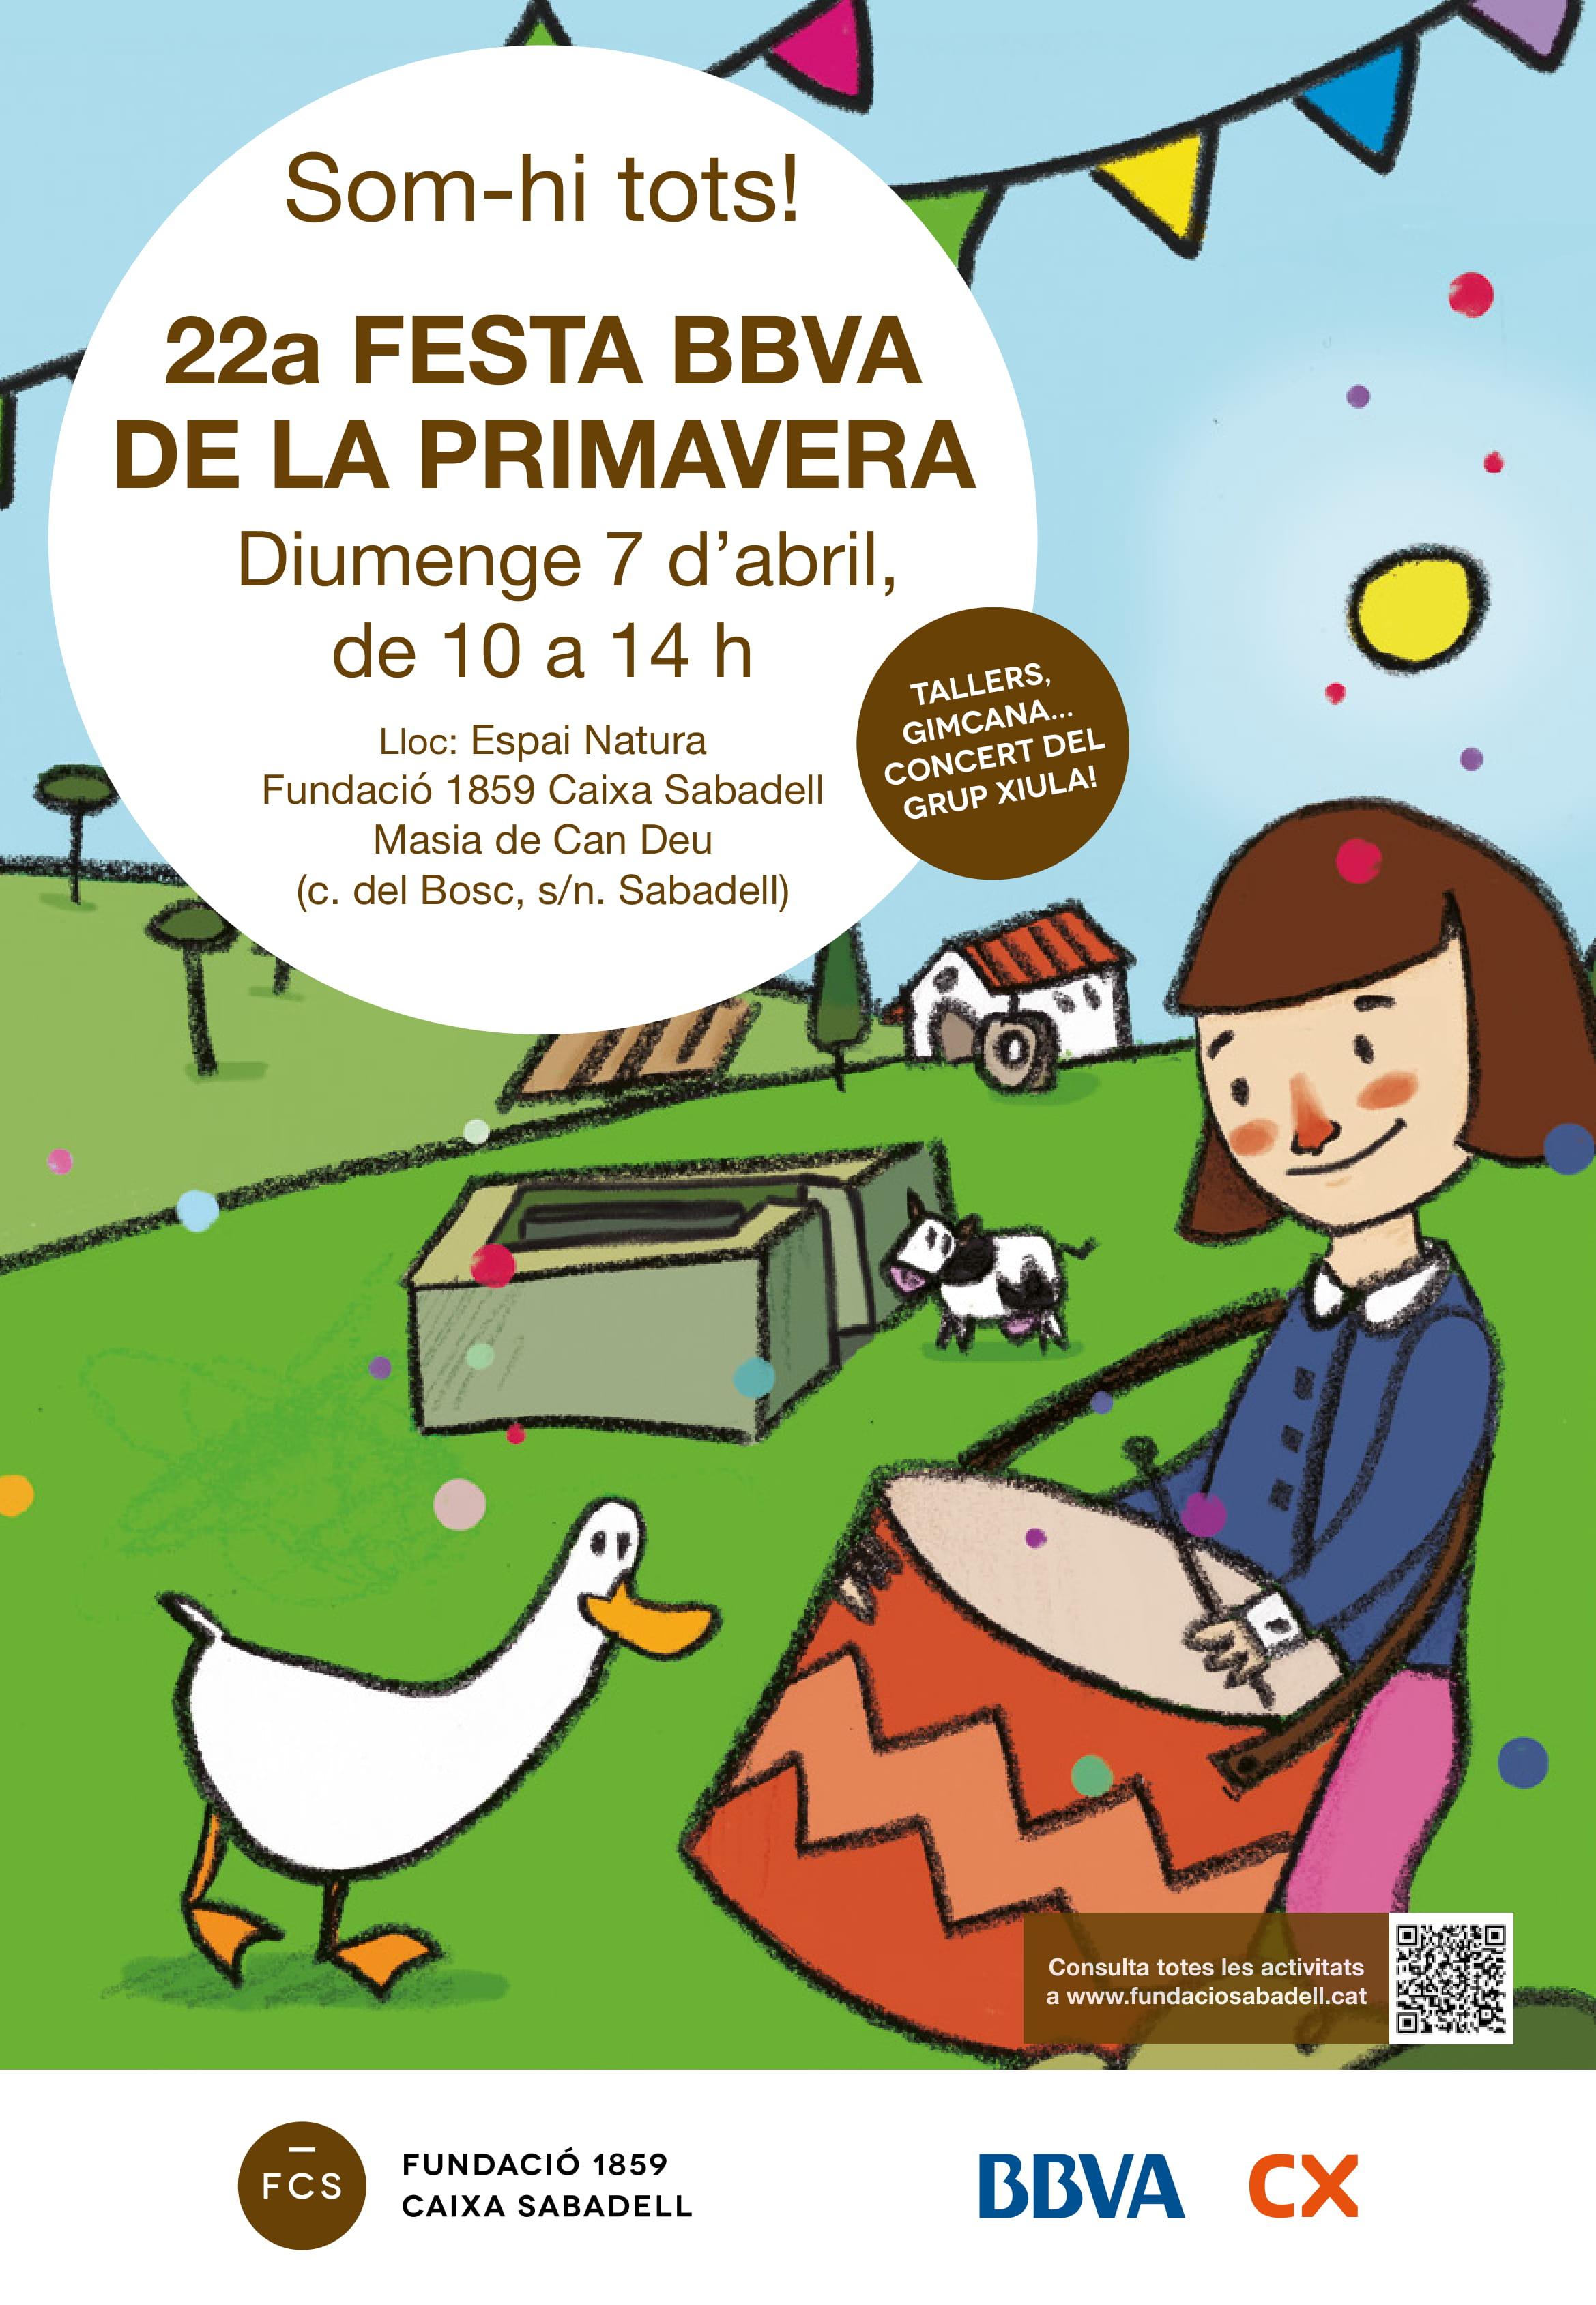 Festa de la Primavera - Masia Can Deu - Sabadell